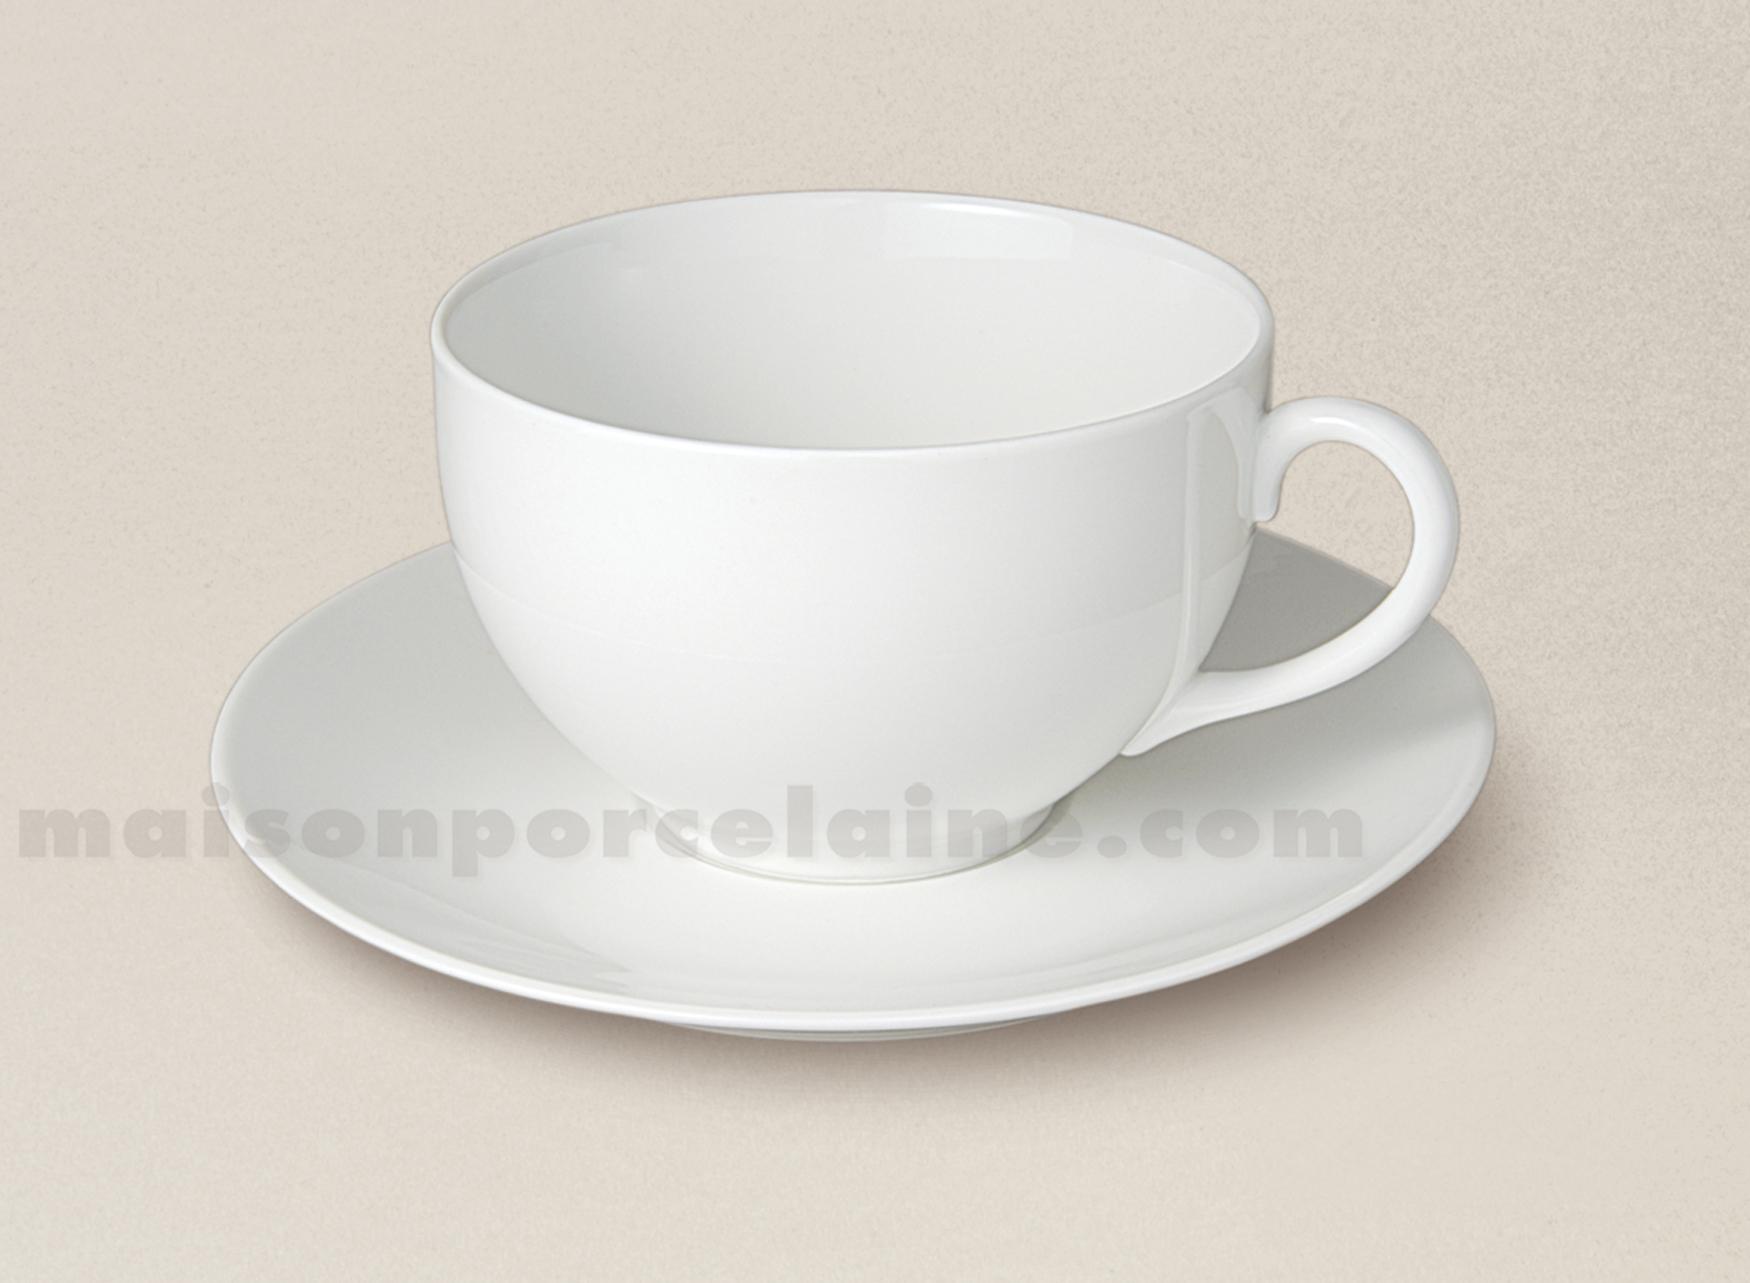 tasse dejeuner boule soucoupe porcelaine blanche flandre 42cl maison de la porcelaine. Black Bedroom Furniture Sets. Home Design Ideas